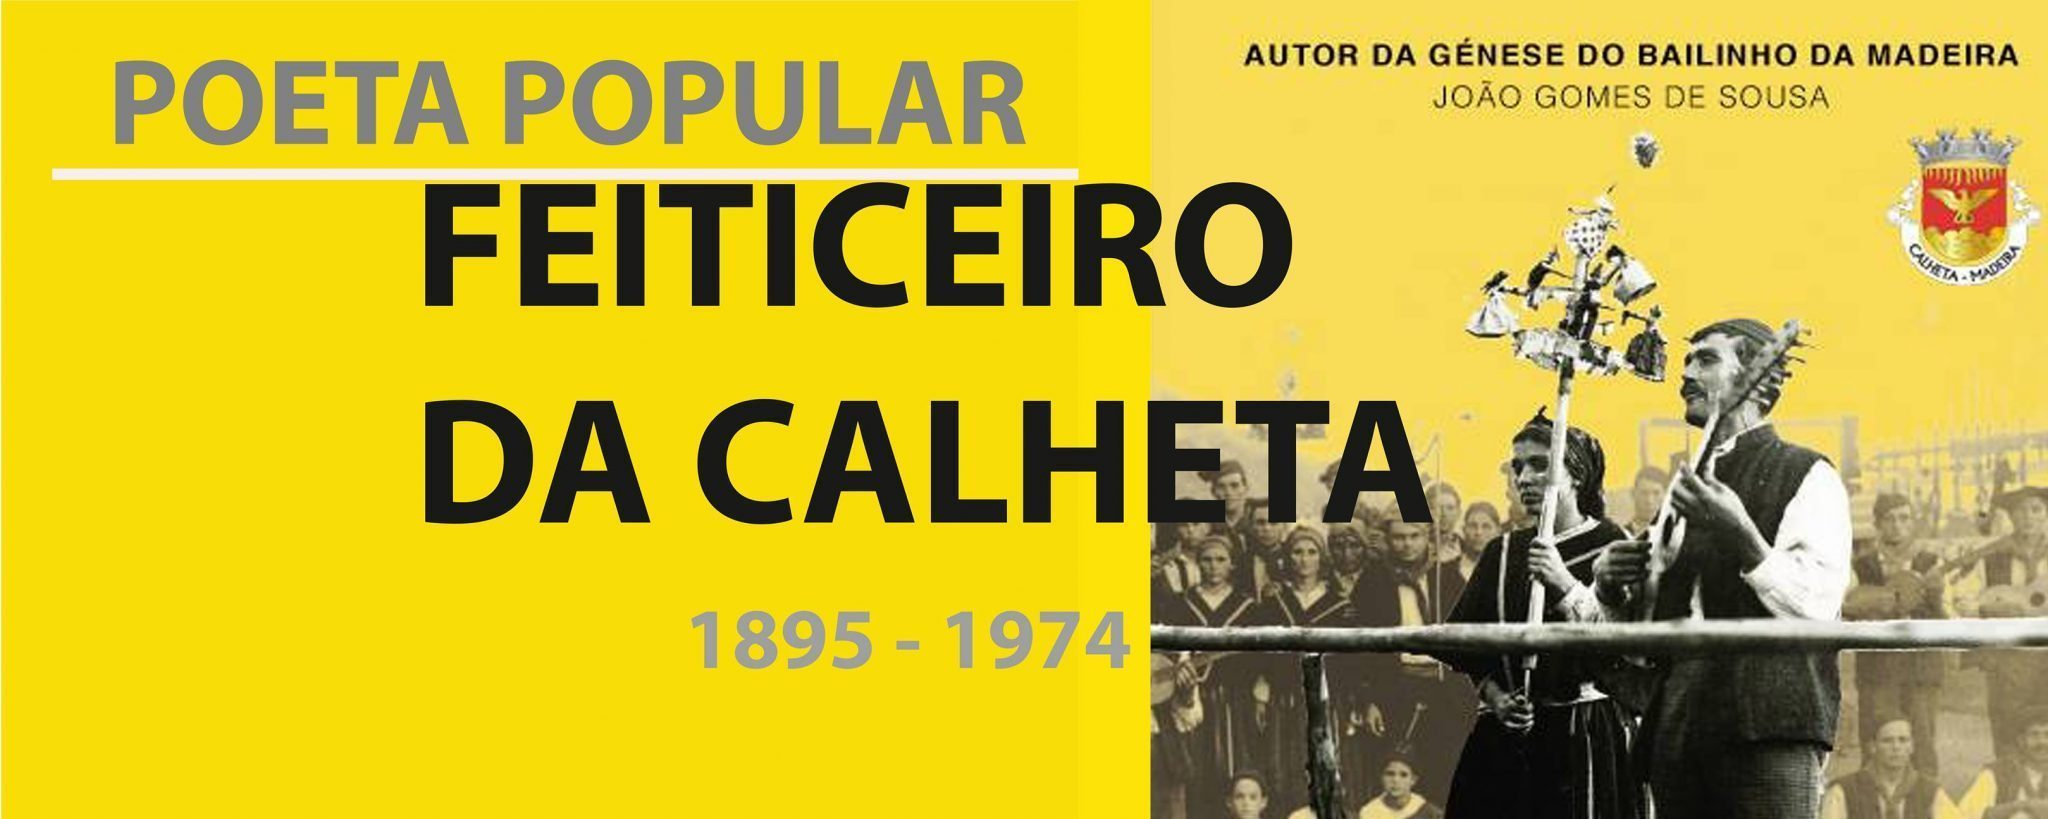 """The """"Sorcerer of Calheta"""" and the Bailinho da Madeira"""